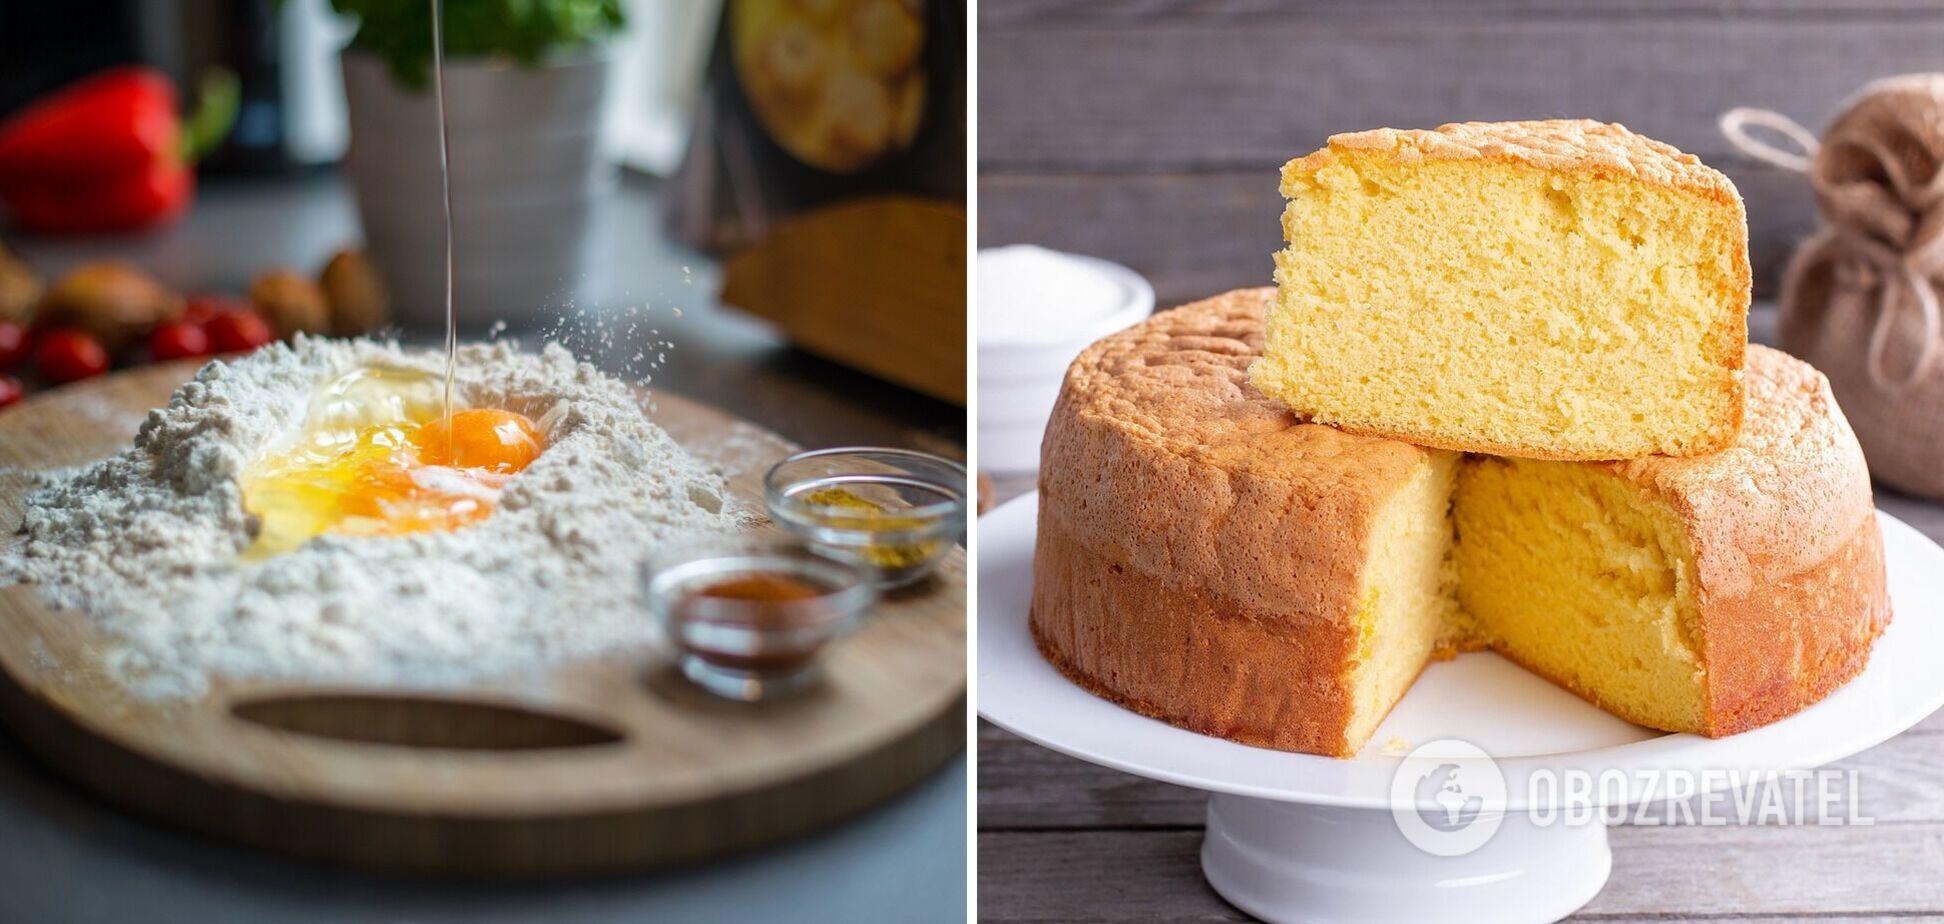 Як приготувати пишне тісто для бісквіта